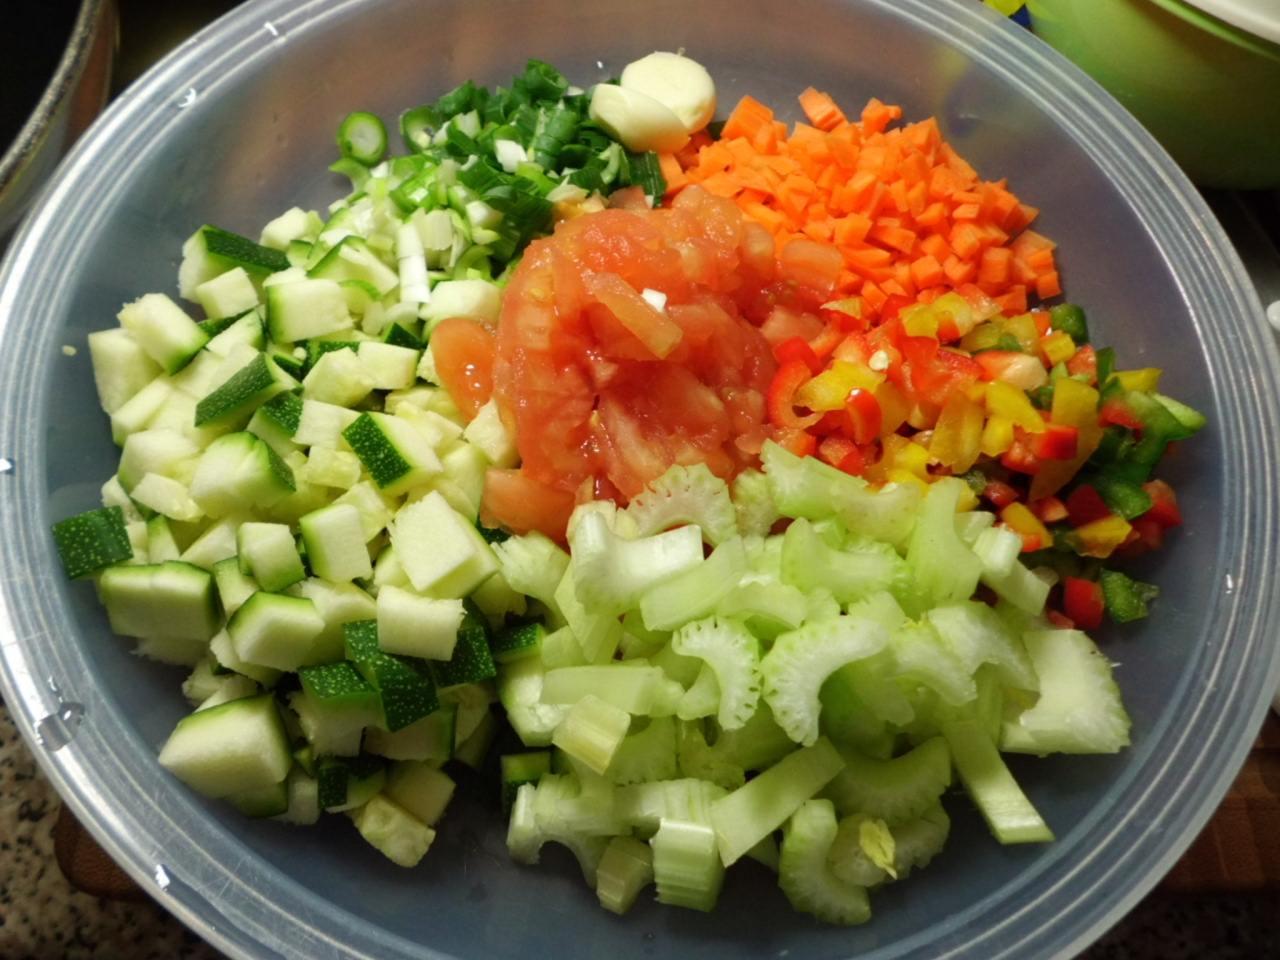 Gemüse Zutaten,Zucchini,Frühlingszwiebeln,Knoblauchzehen,Möhren,Paprika,Staudensellerie,Tomaten